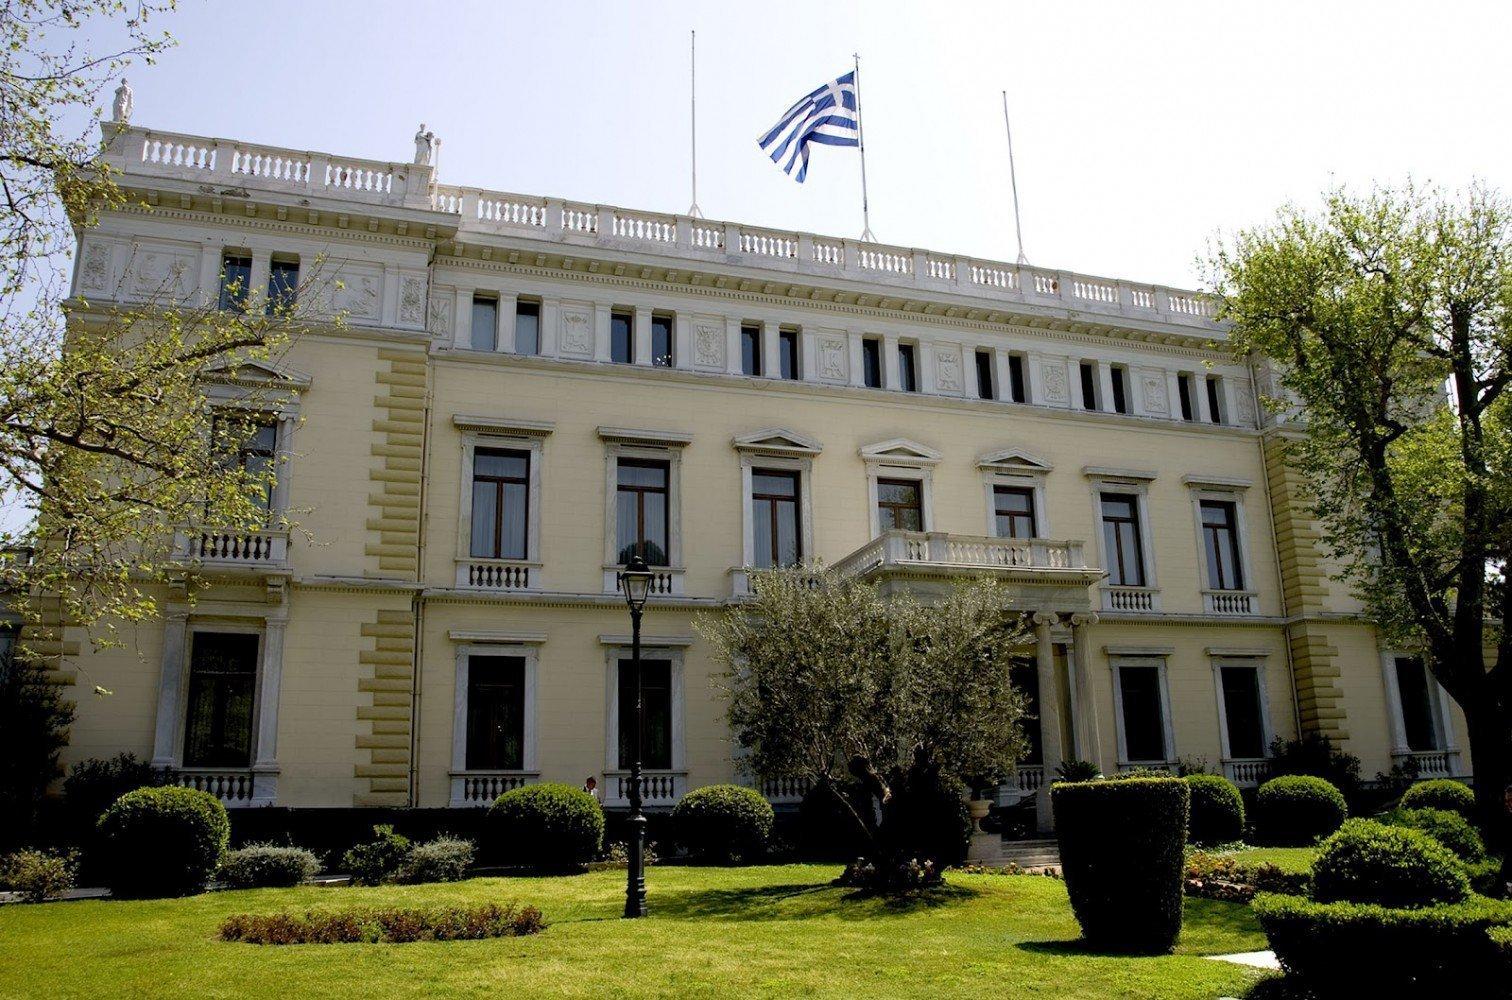 Χαράλαμπος Ανθόπουλος: Οι πλειοψηφίες για την εκλογή του Προέδρου της Δημοκρατίας